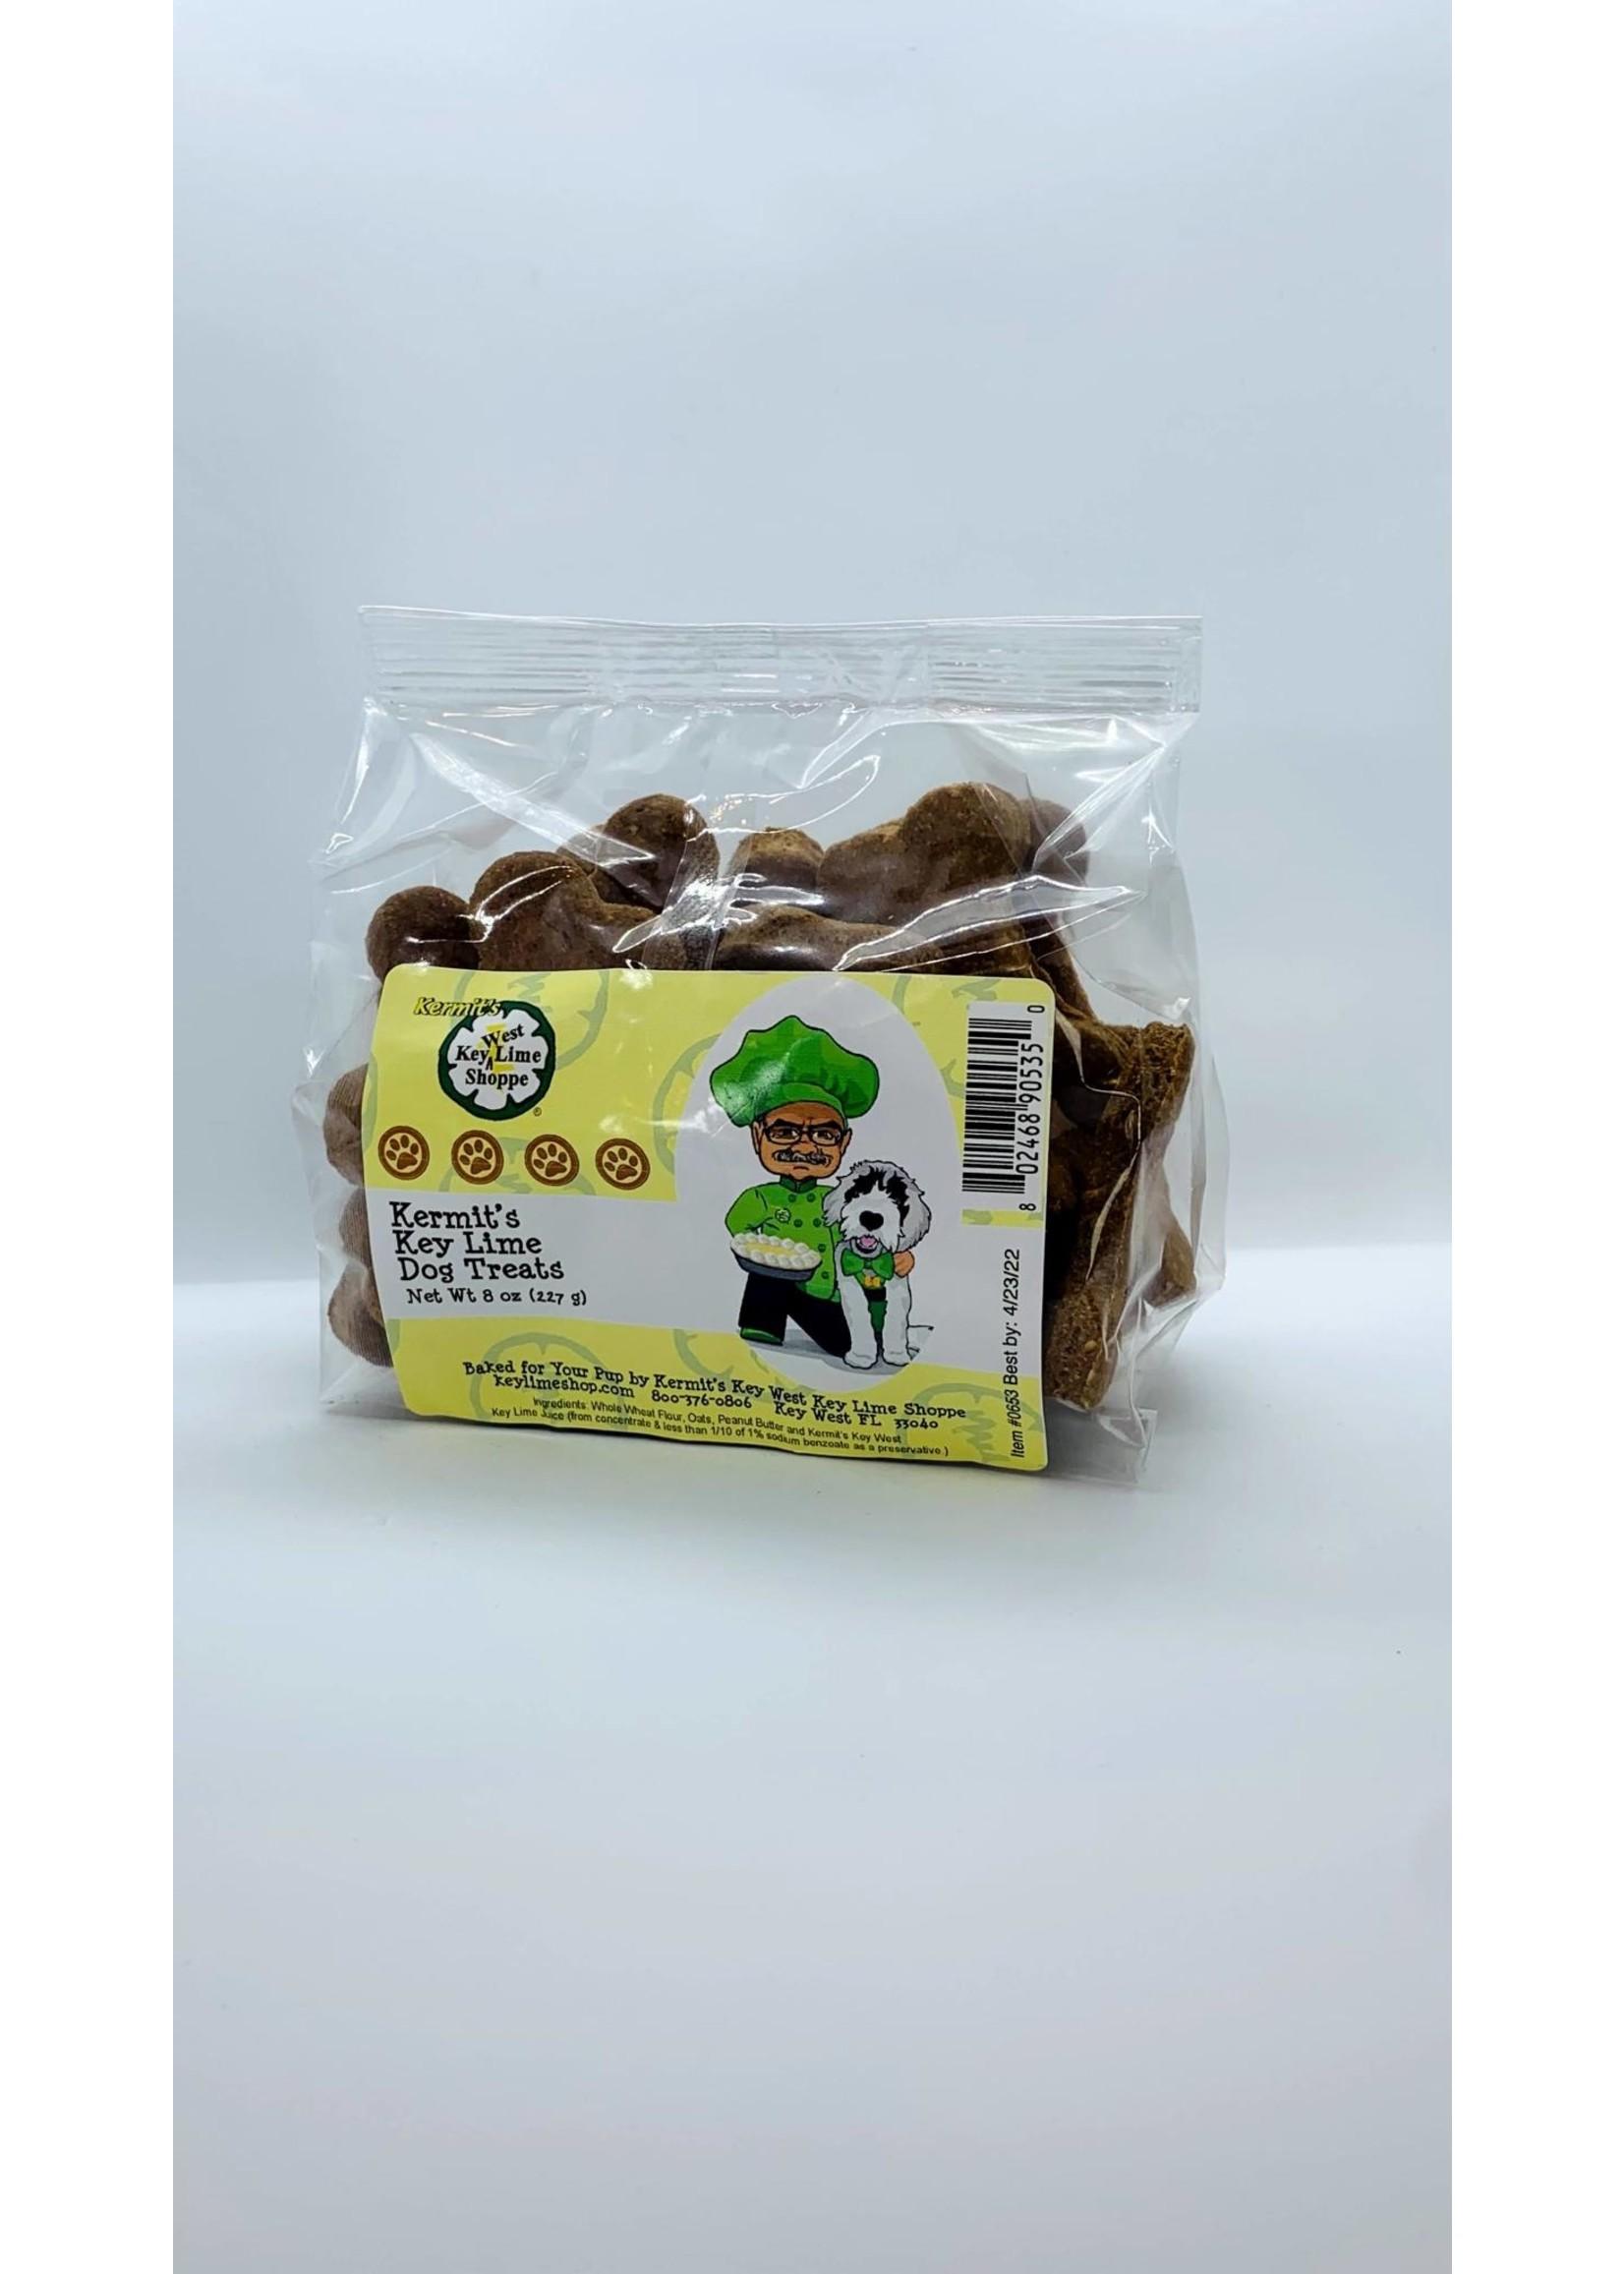 Kermit's Key Lime Dog Treats - 8 oz